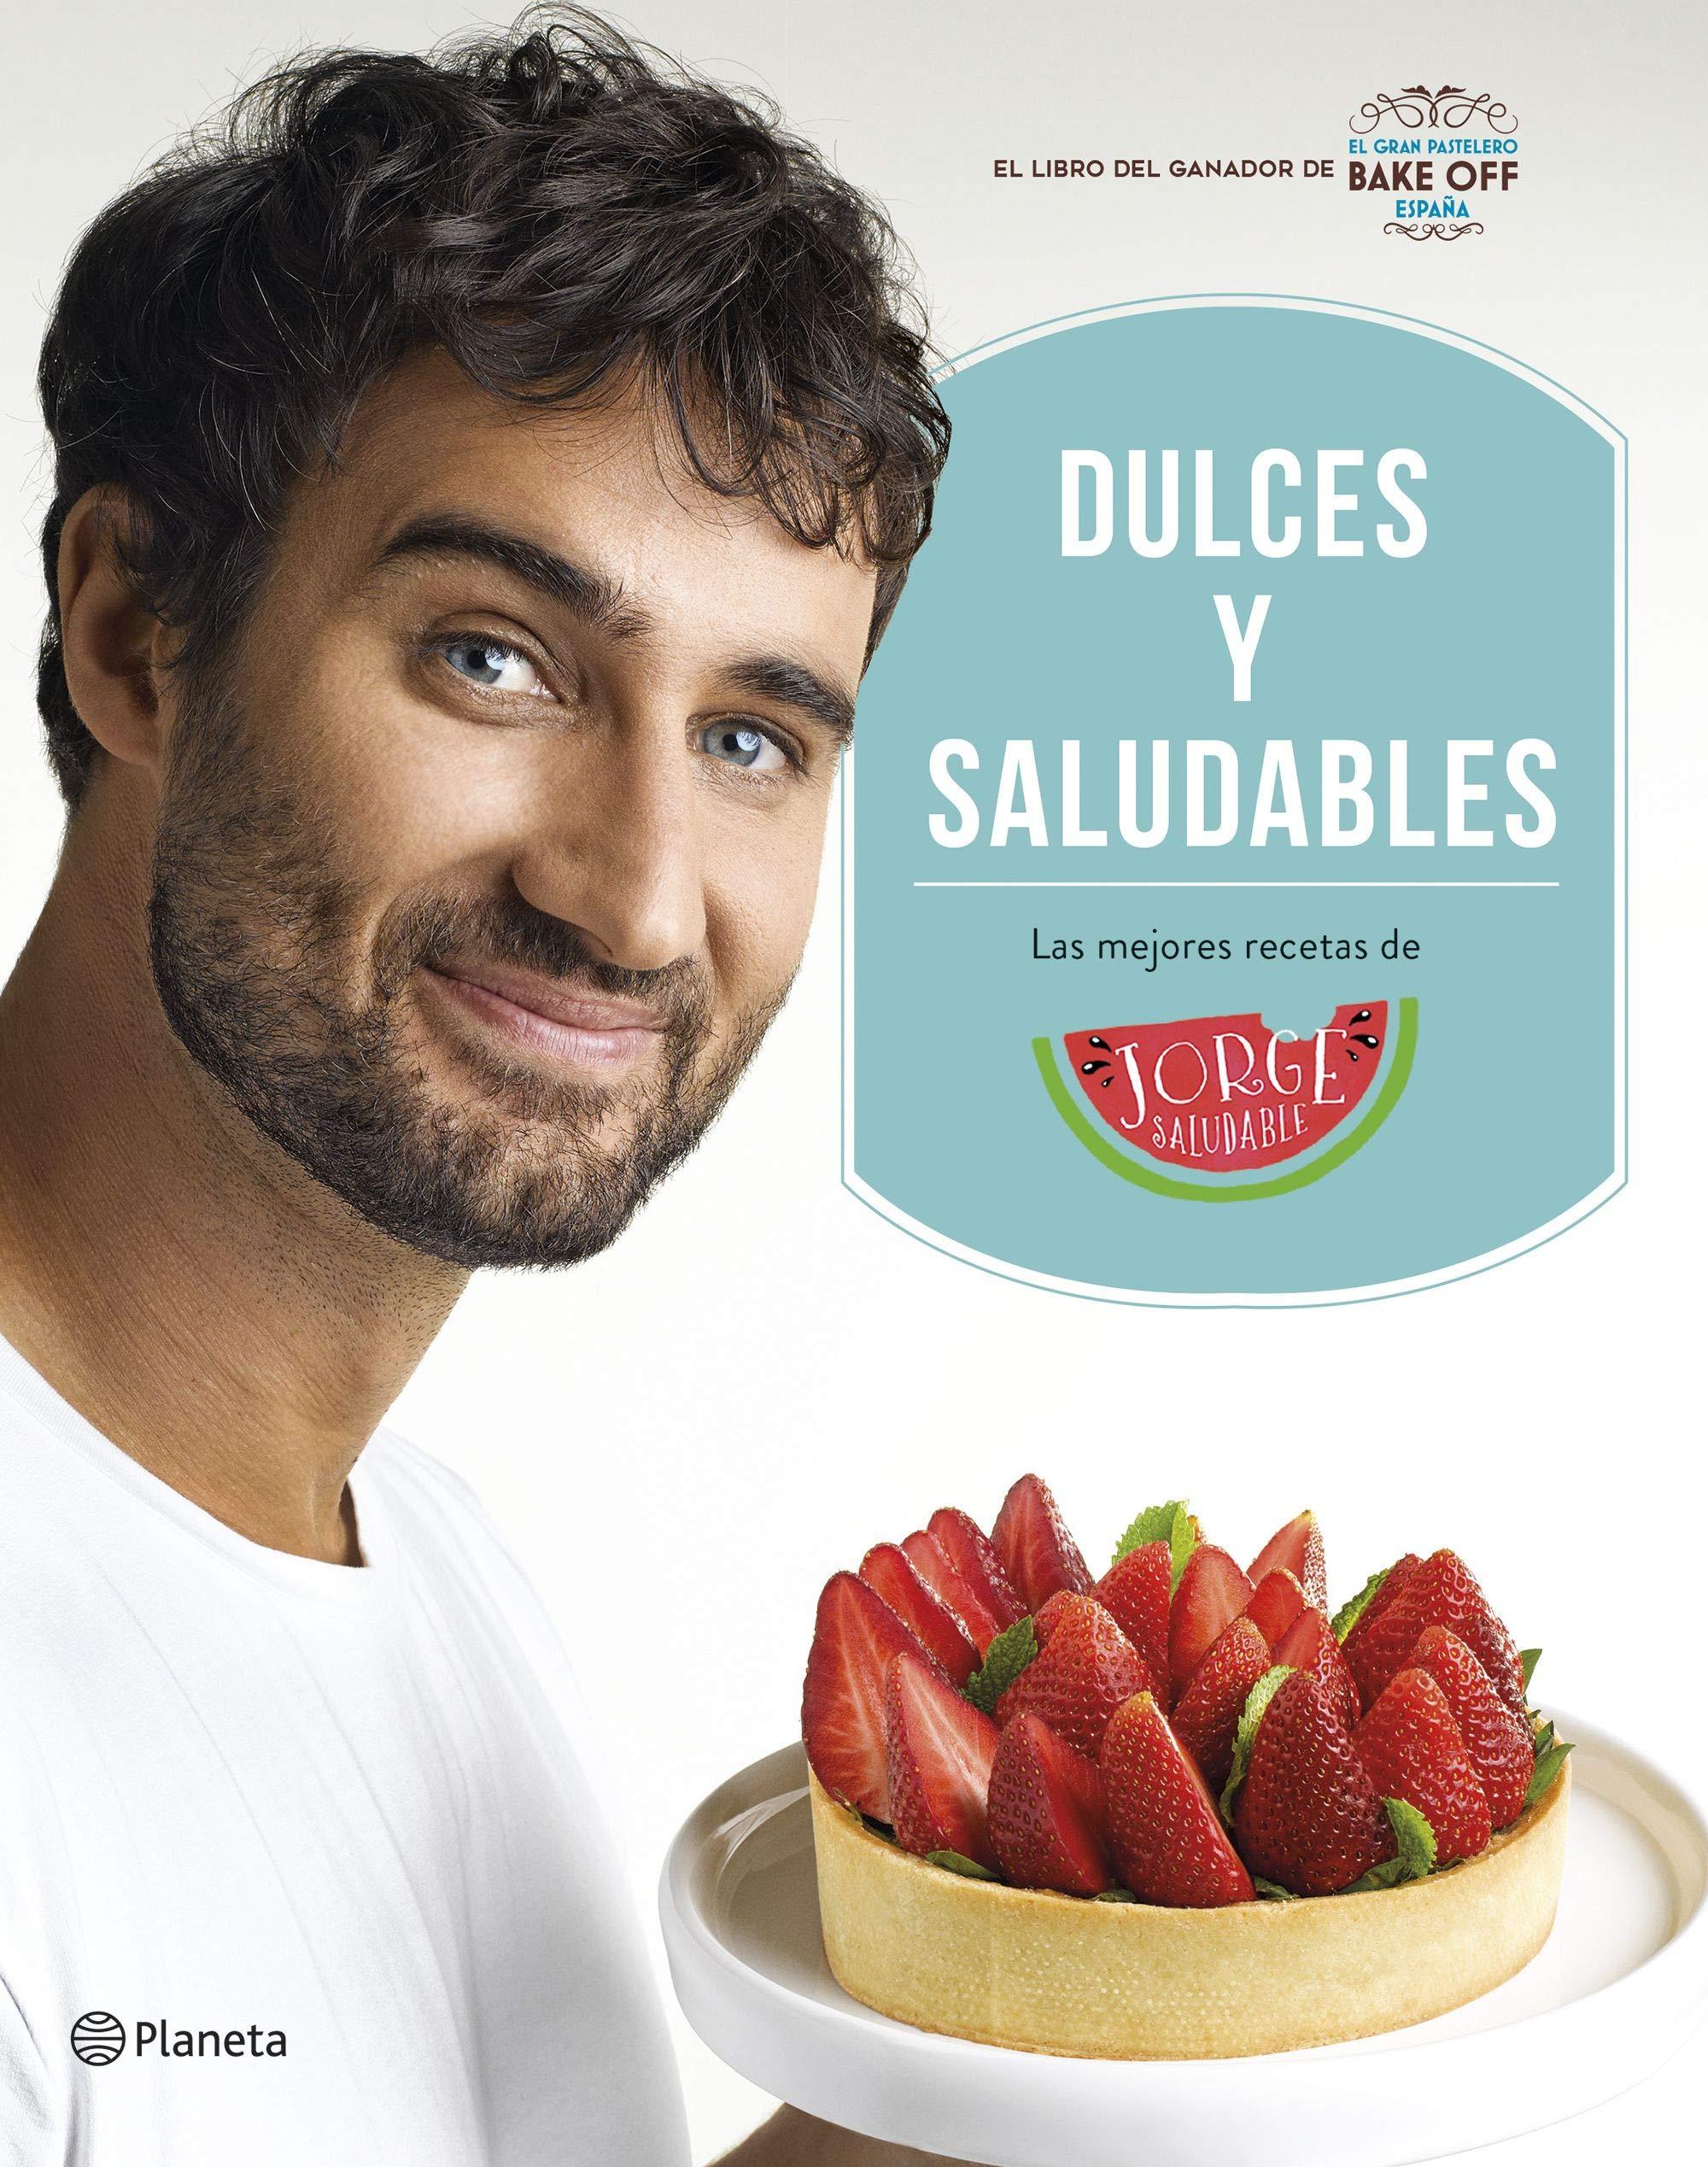 Dulces y saludables: Las mejores recetas de Jorge Saludable ...